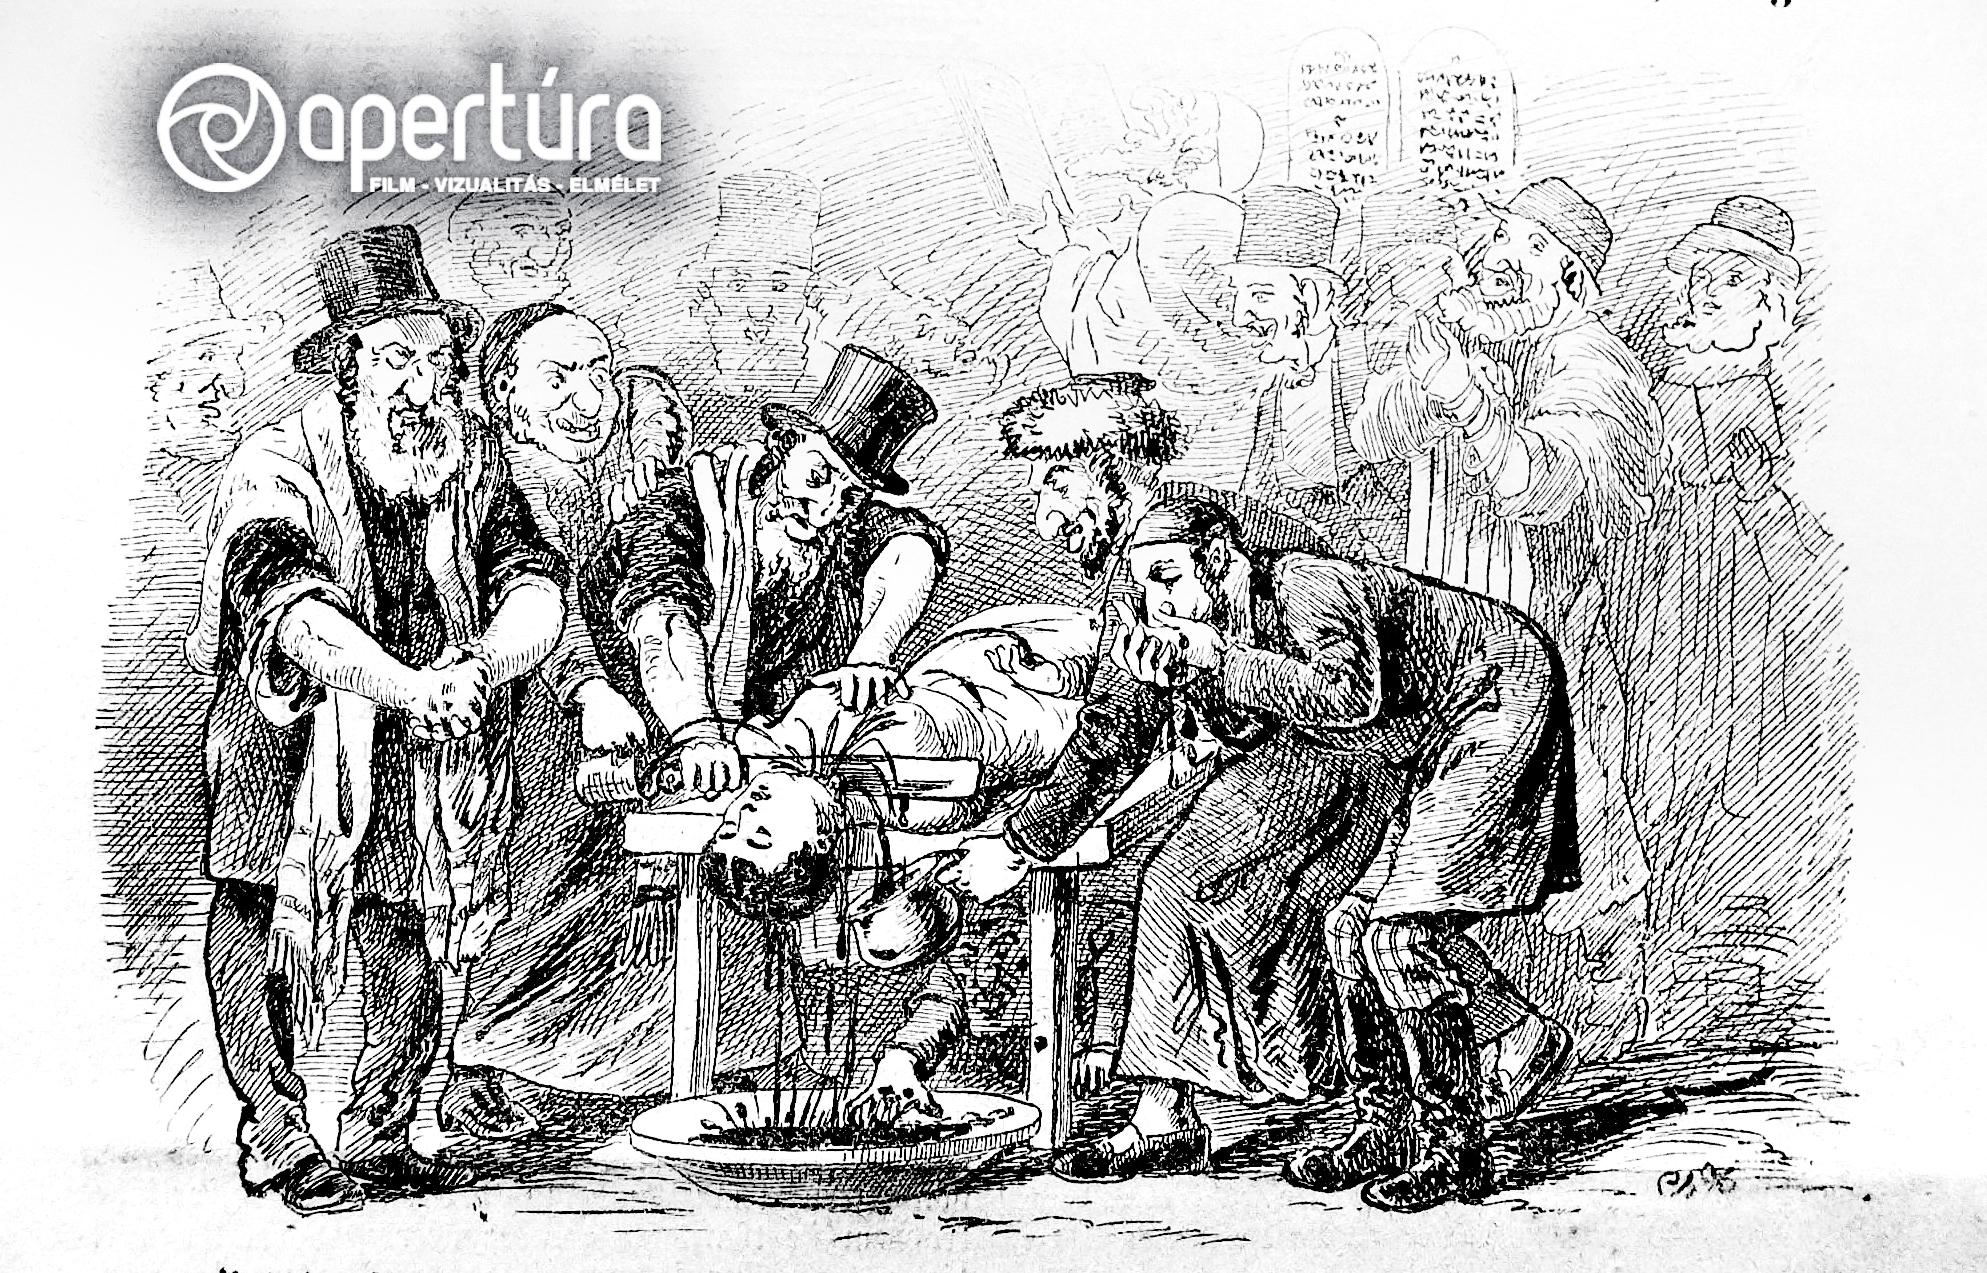 A tiszaeszlári vérvád: kép és propaganda   Apertúra